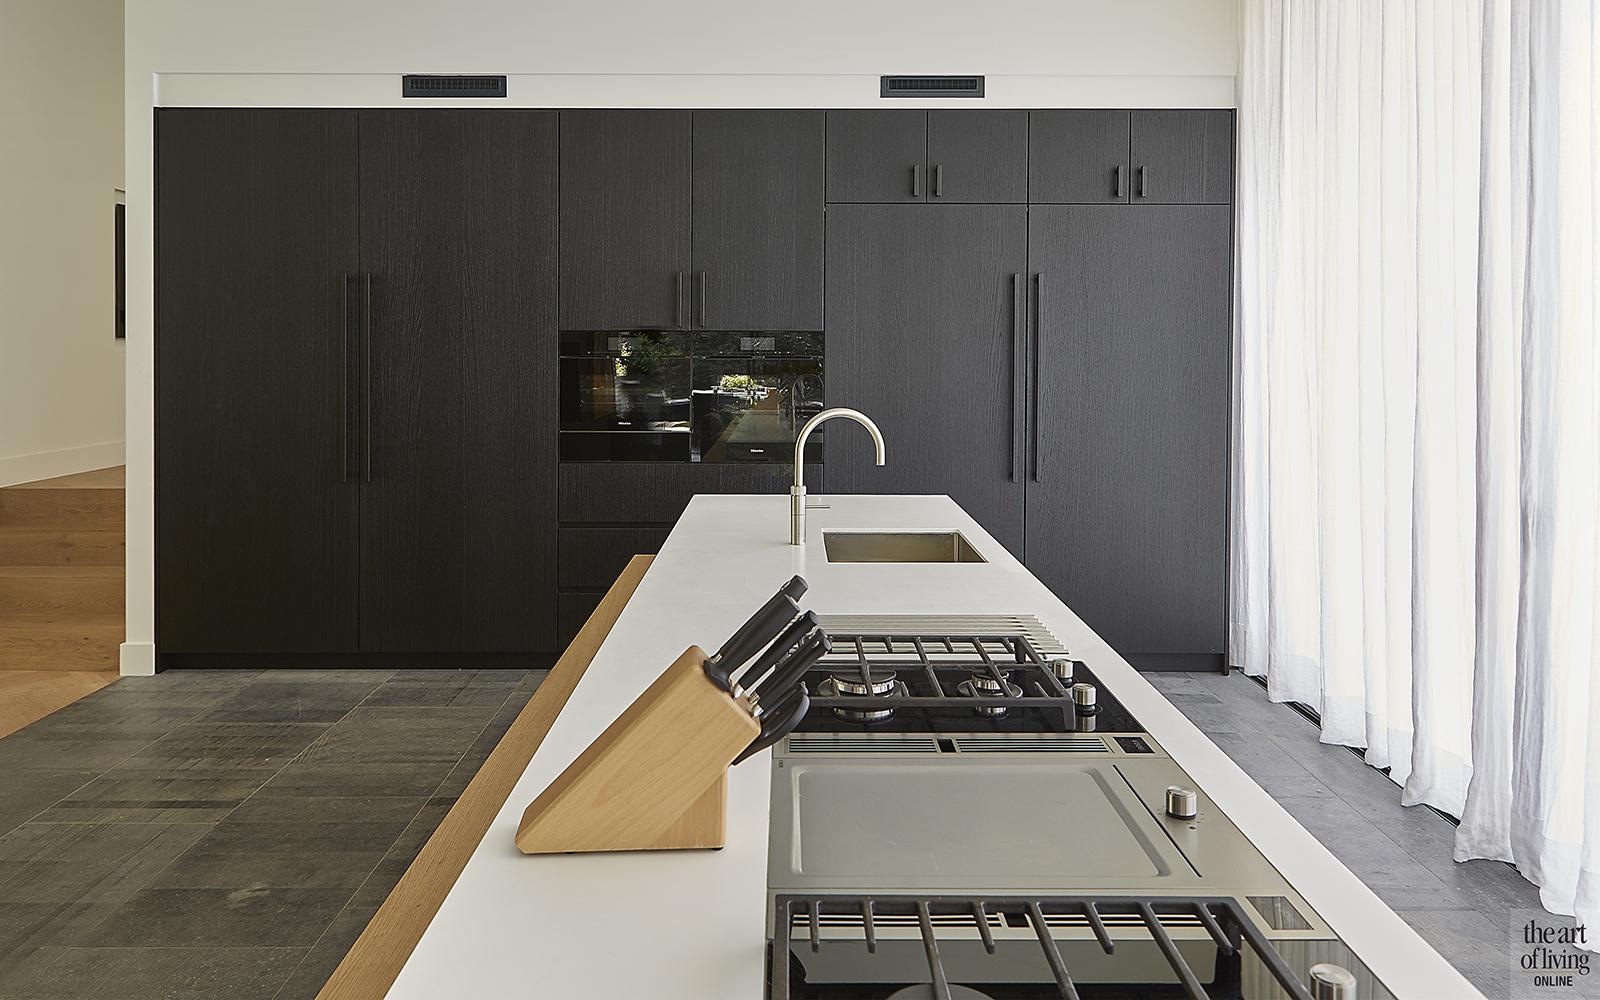 Nieuwbouw villa, Split level, Strak, Modern, Joost van der Sande, Keuken, Maatwerk, Contrast, Interieur